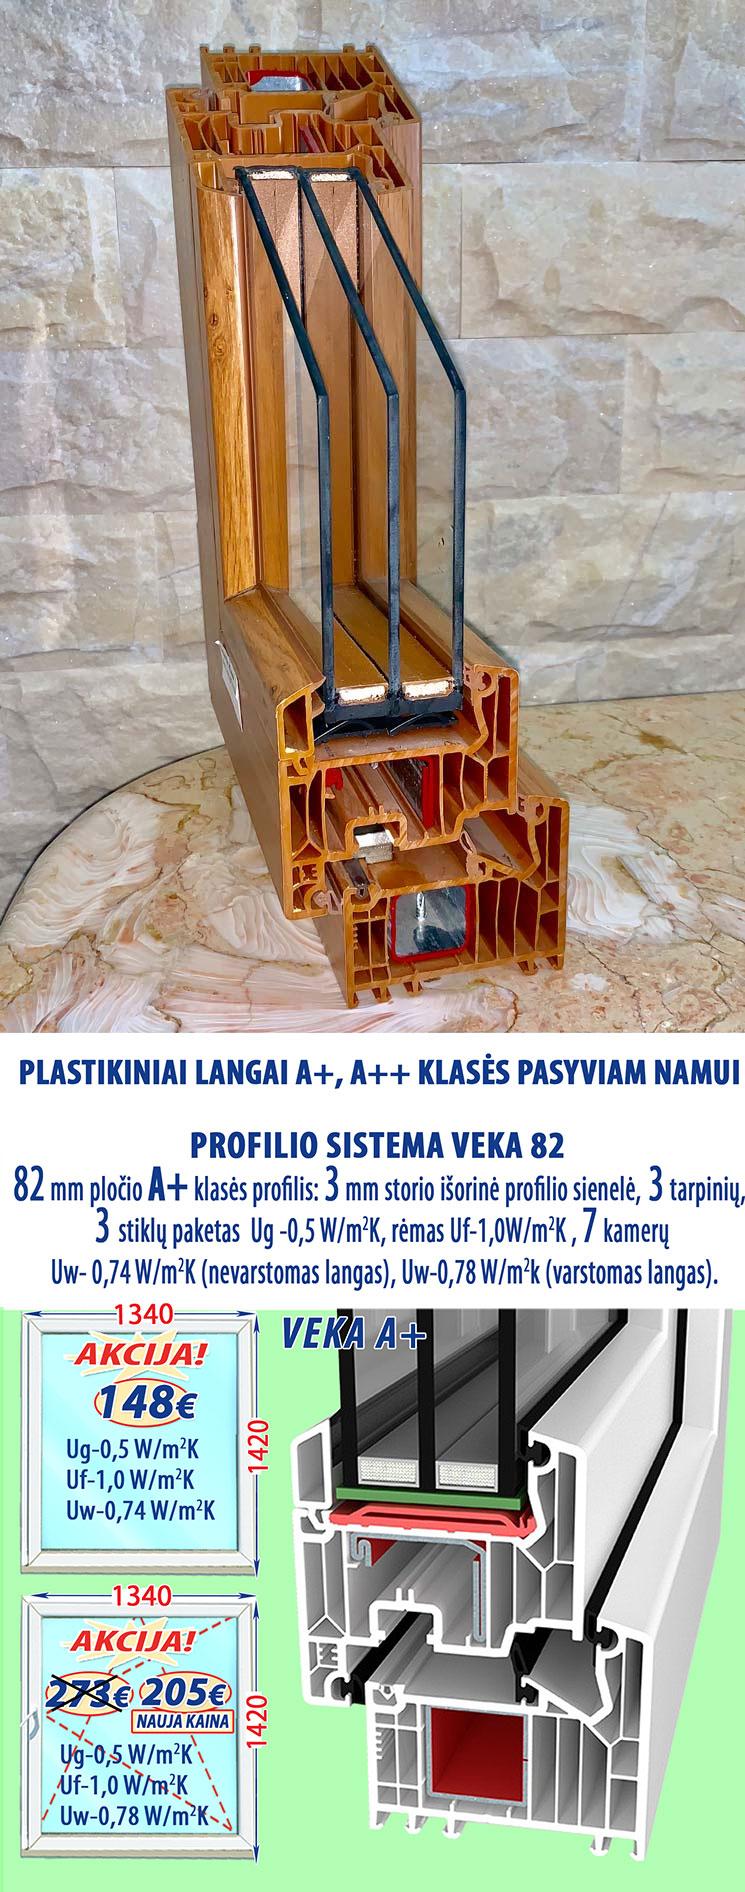 plastikiniai_langai_kaina_veka82-6